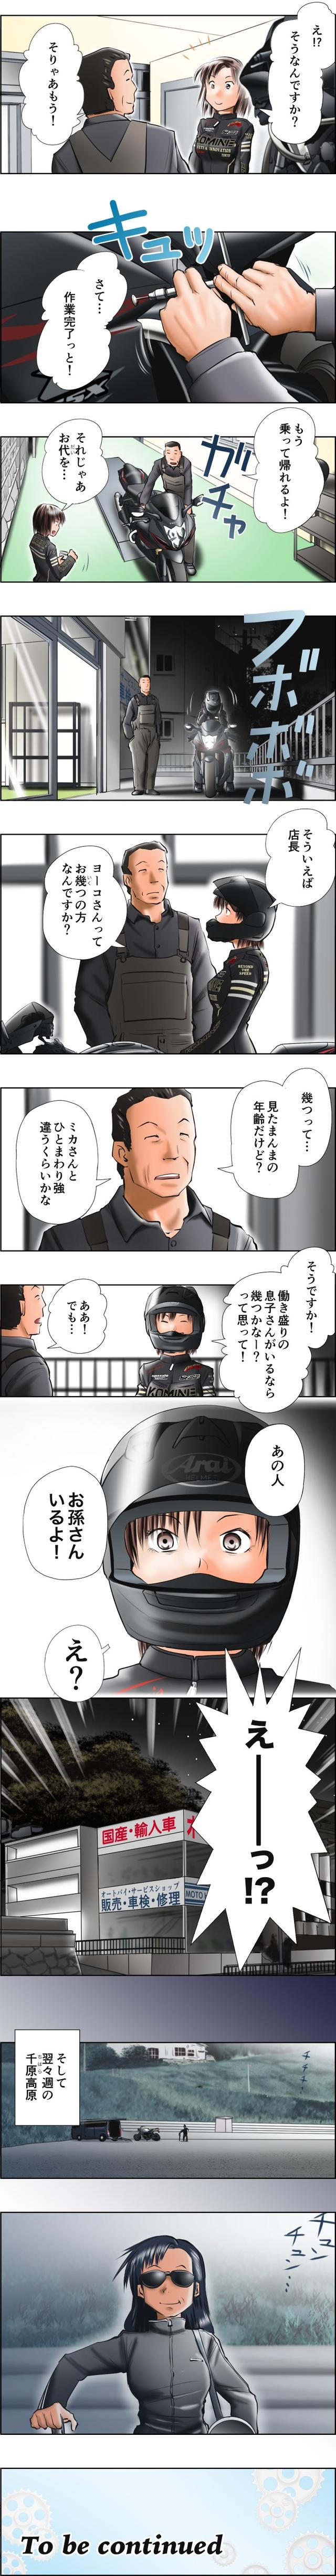 画像4: MOTOジム!(第7話:あんなに上手いのに!)  作・ばどみゅーみん